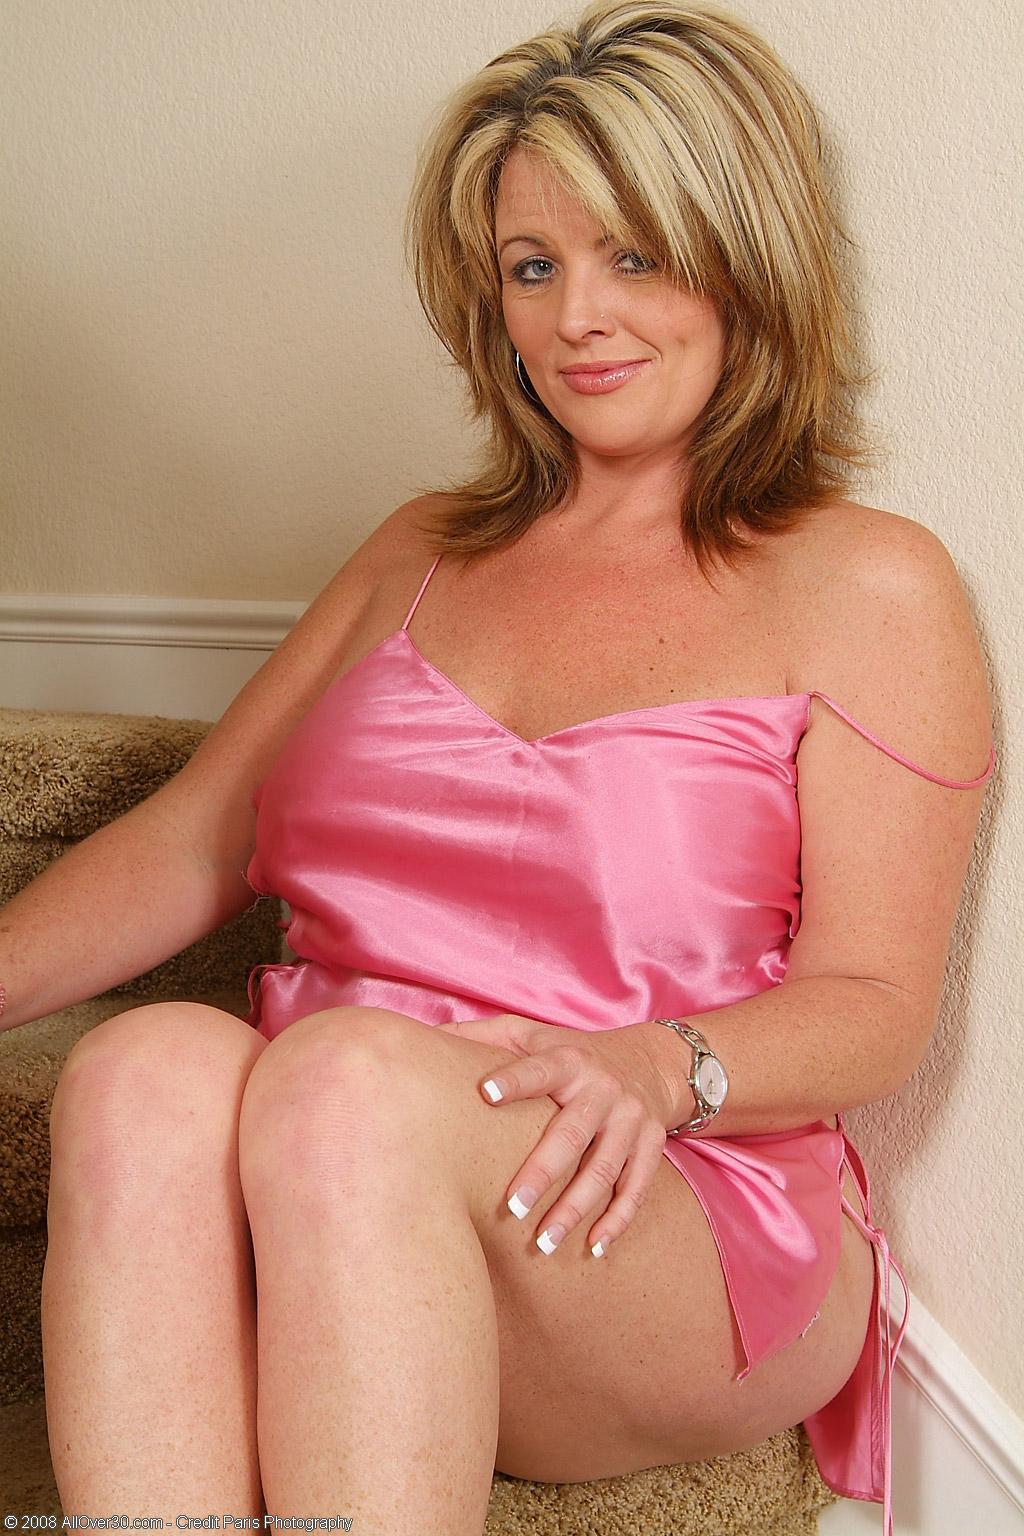 Big tits lesbian breast play